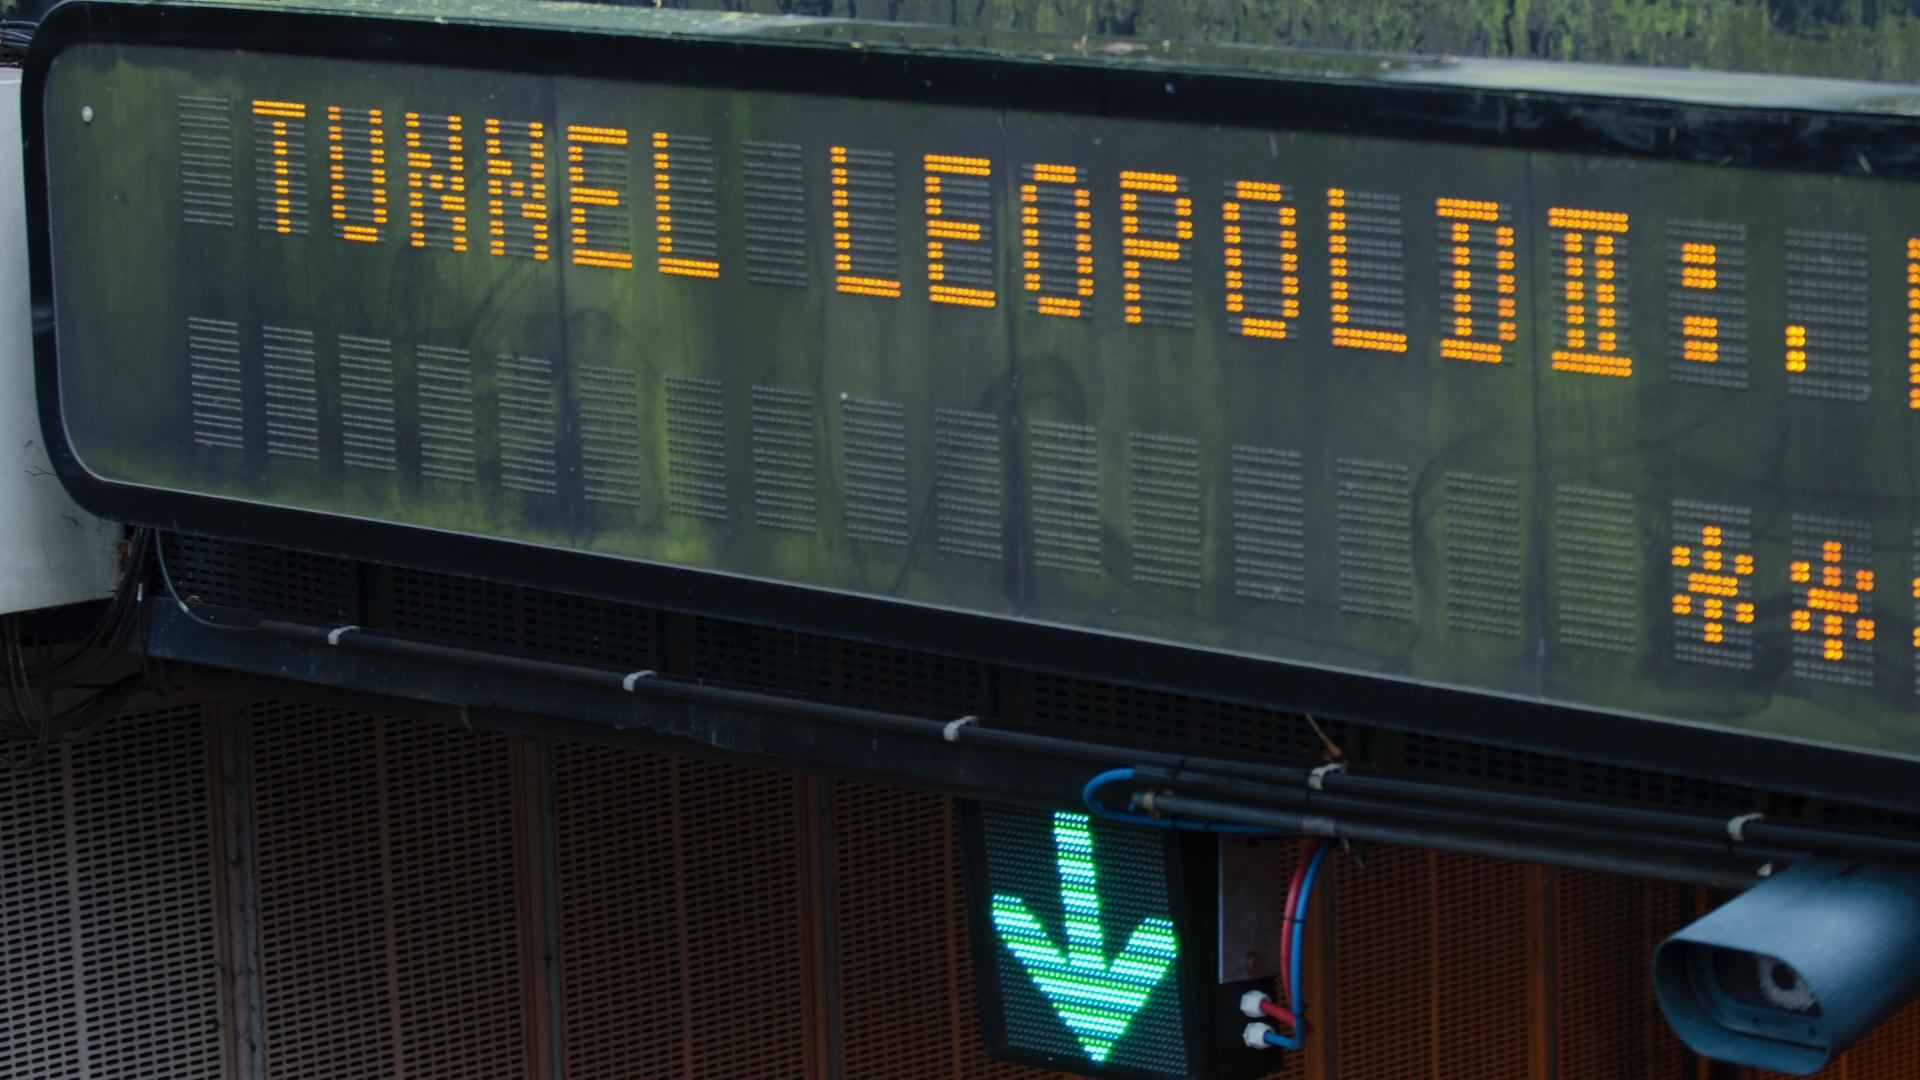 II. Lipót alagút Brüsszelben